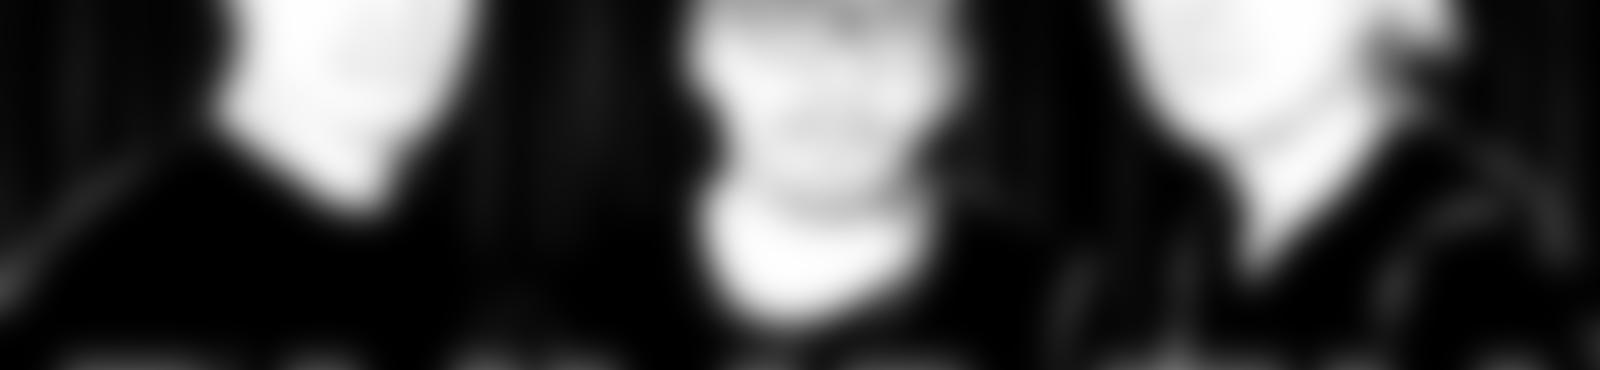 Blurred 71f25e34 f034 415f 9e1b bf98c6e01469